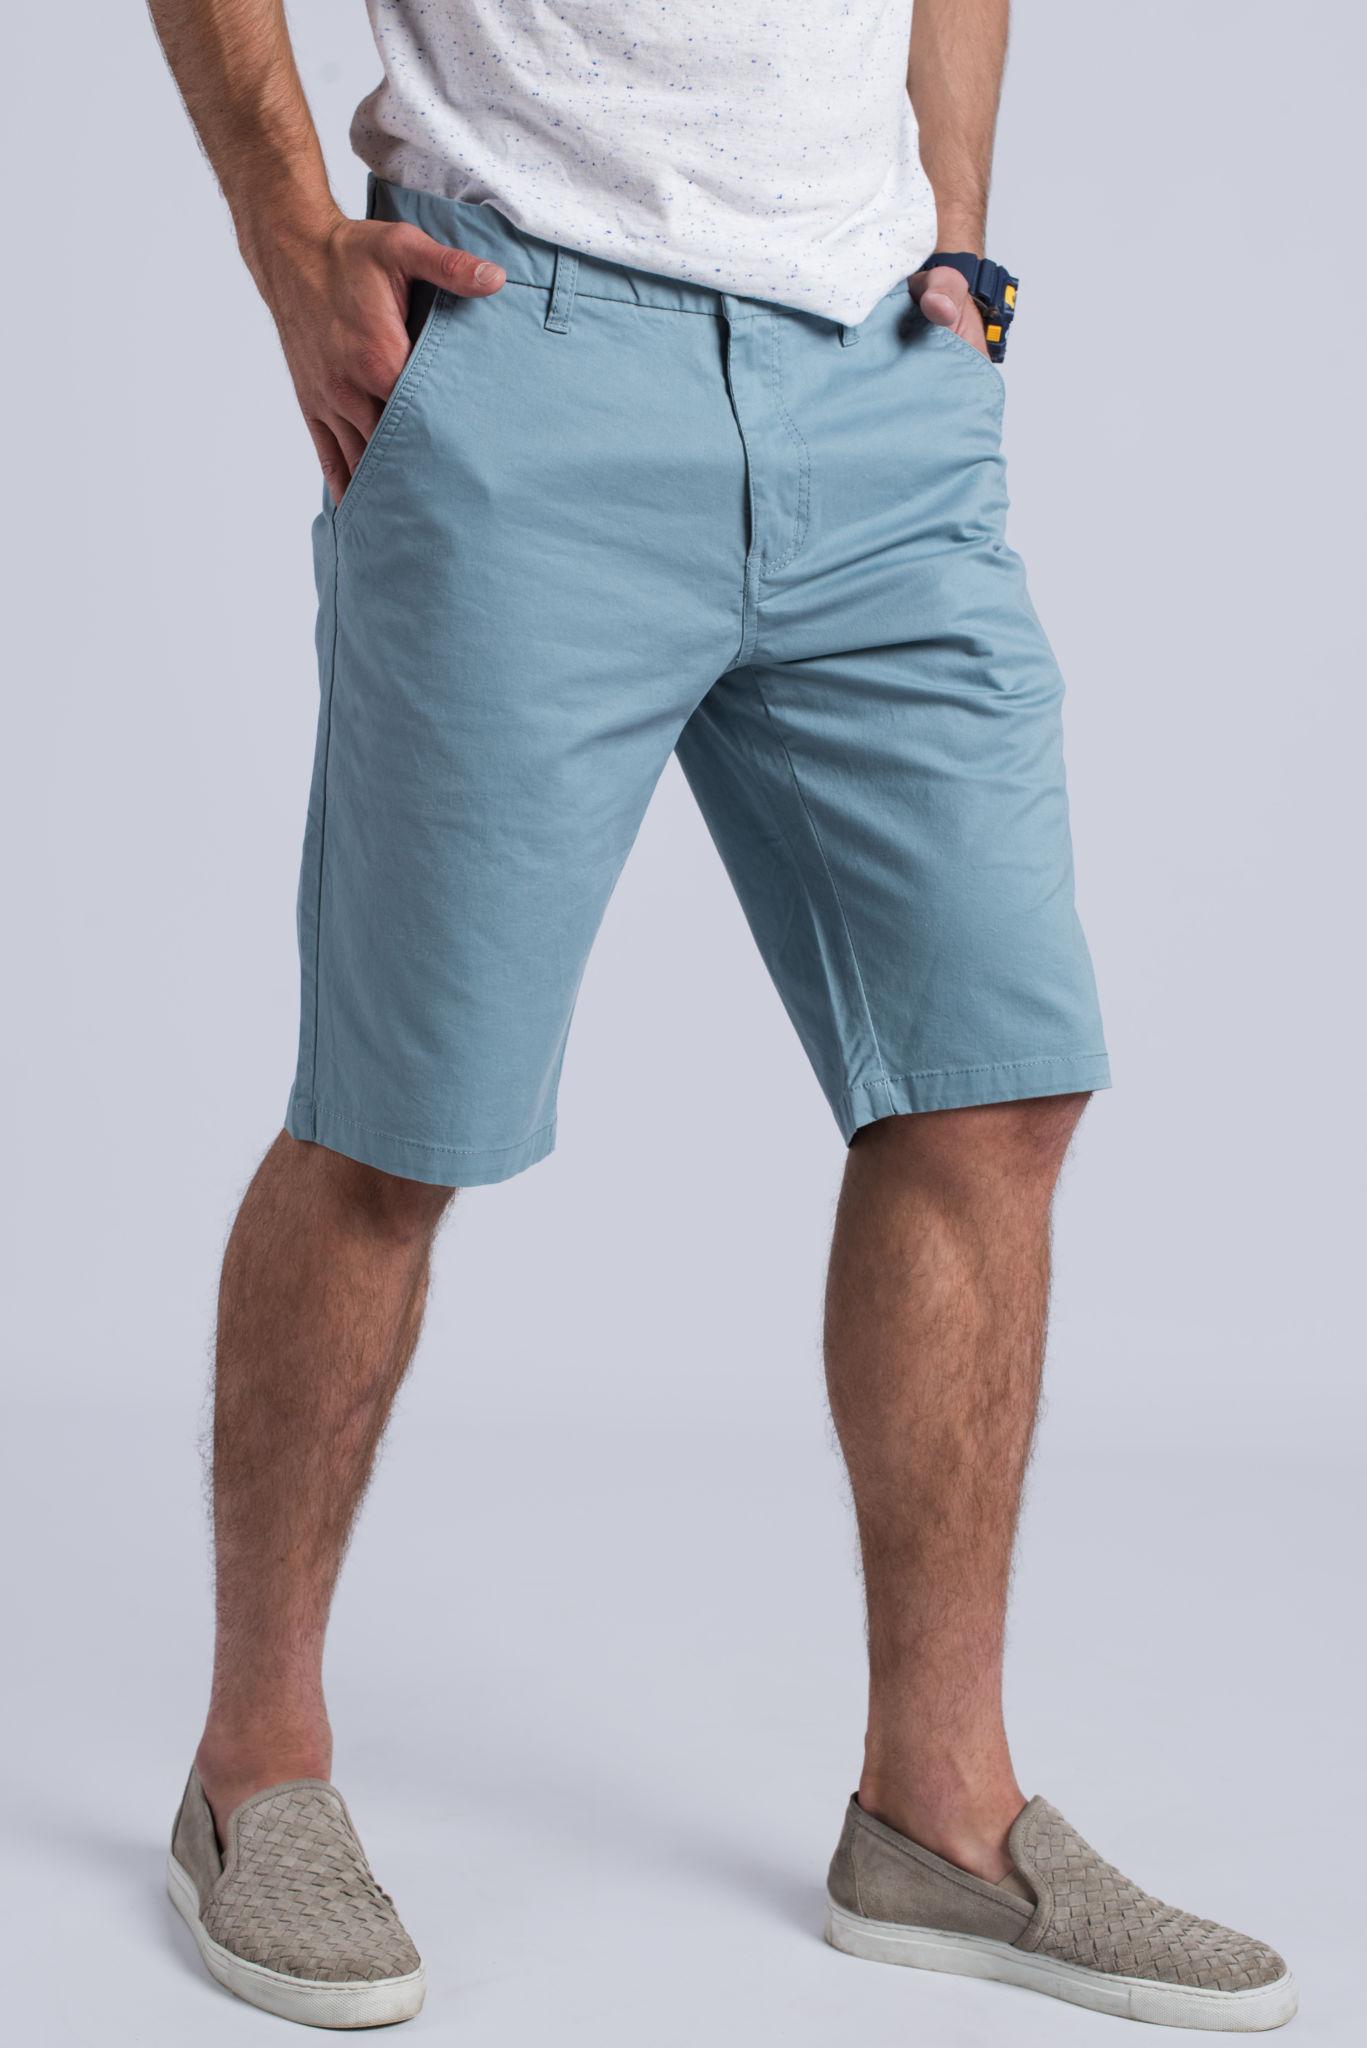 мужская мода весна 2019 основные тенденции: голубые шорты по колено